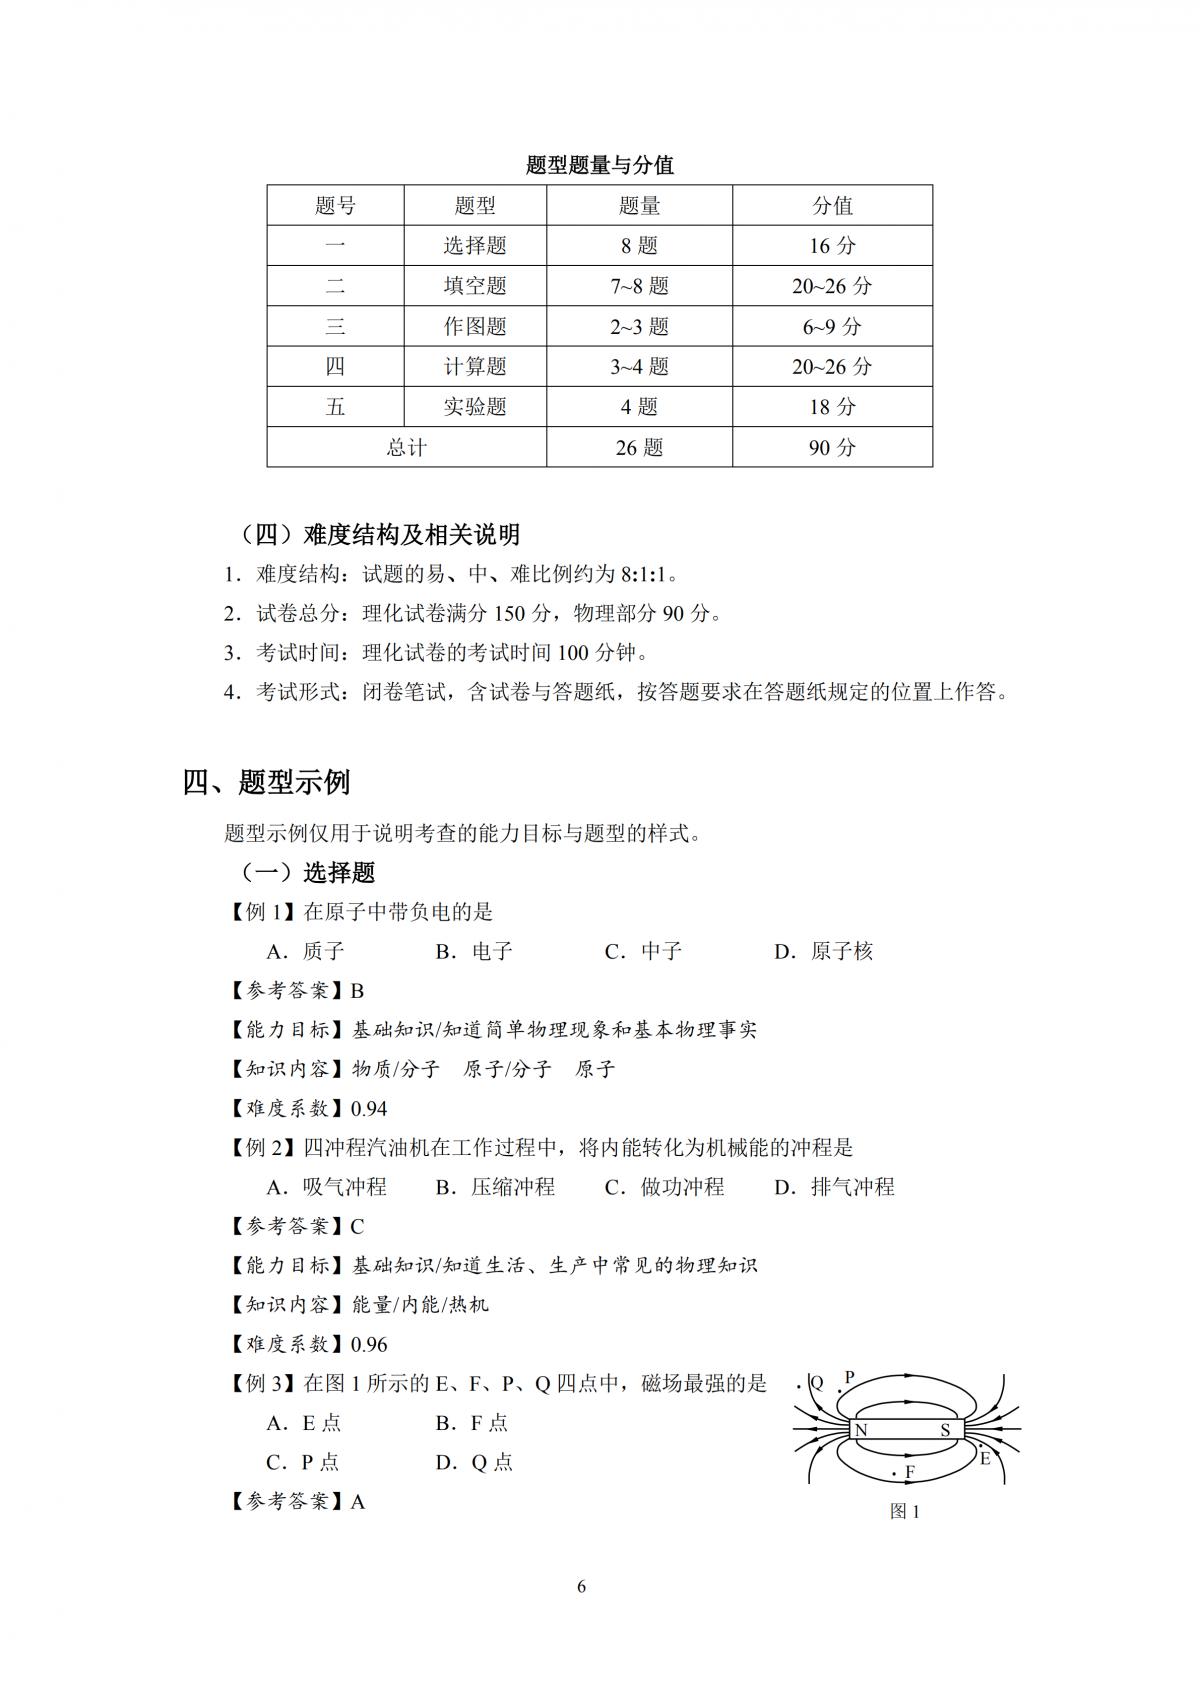 2020年上海市初中物理课程终结性评价指南